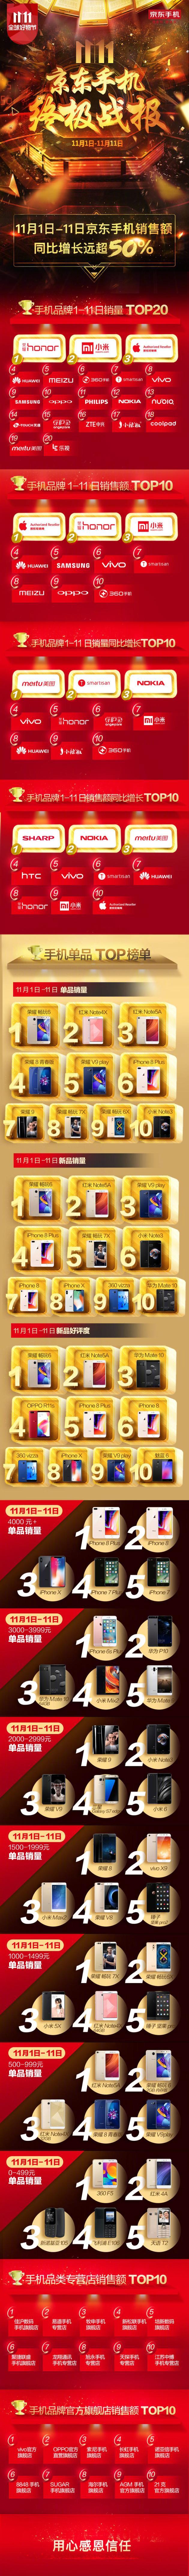 荣耀:京东双11单日销量和销售额首超苹果居第一